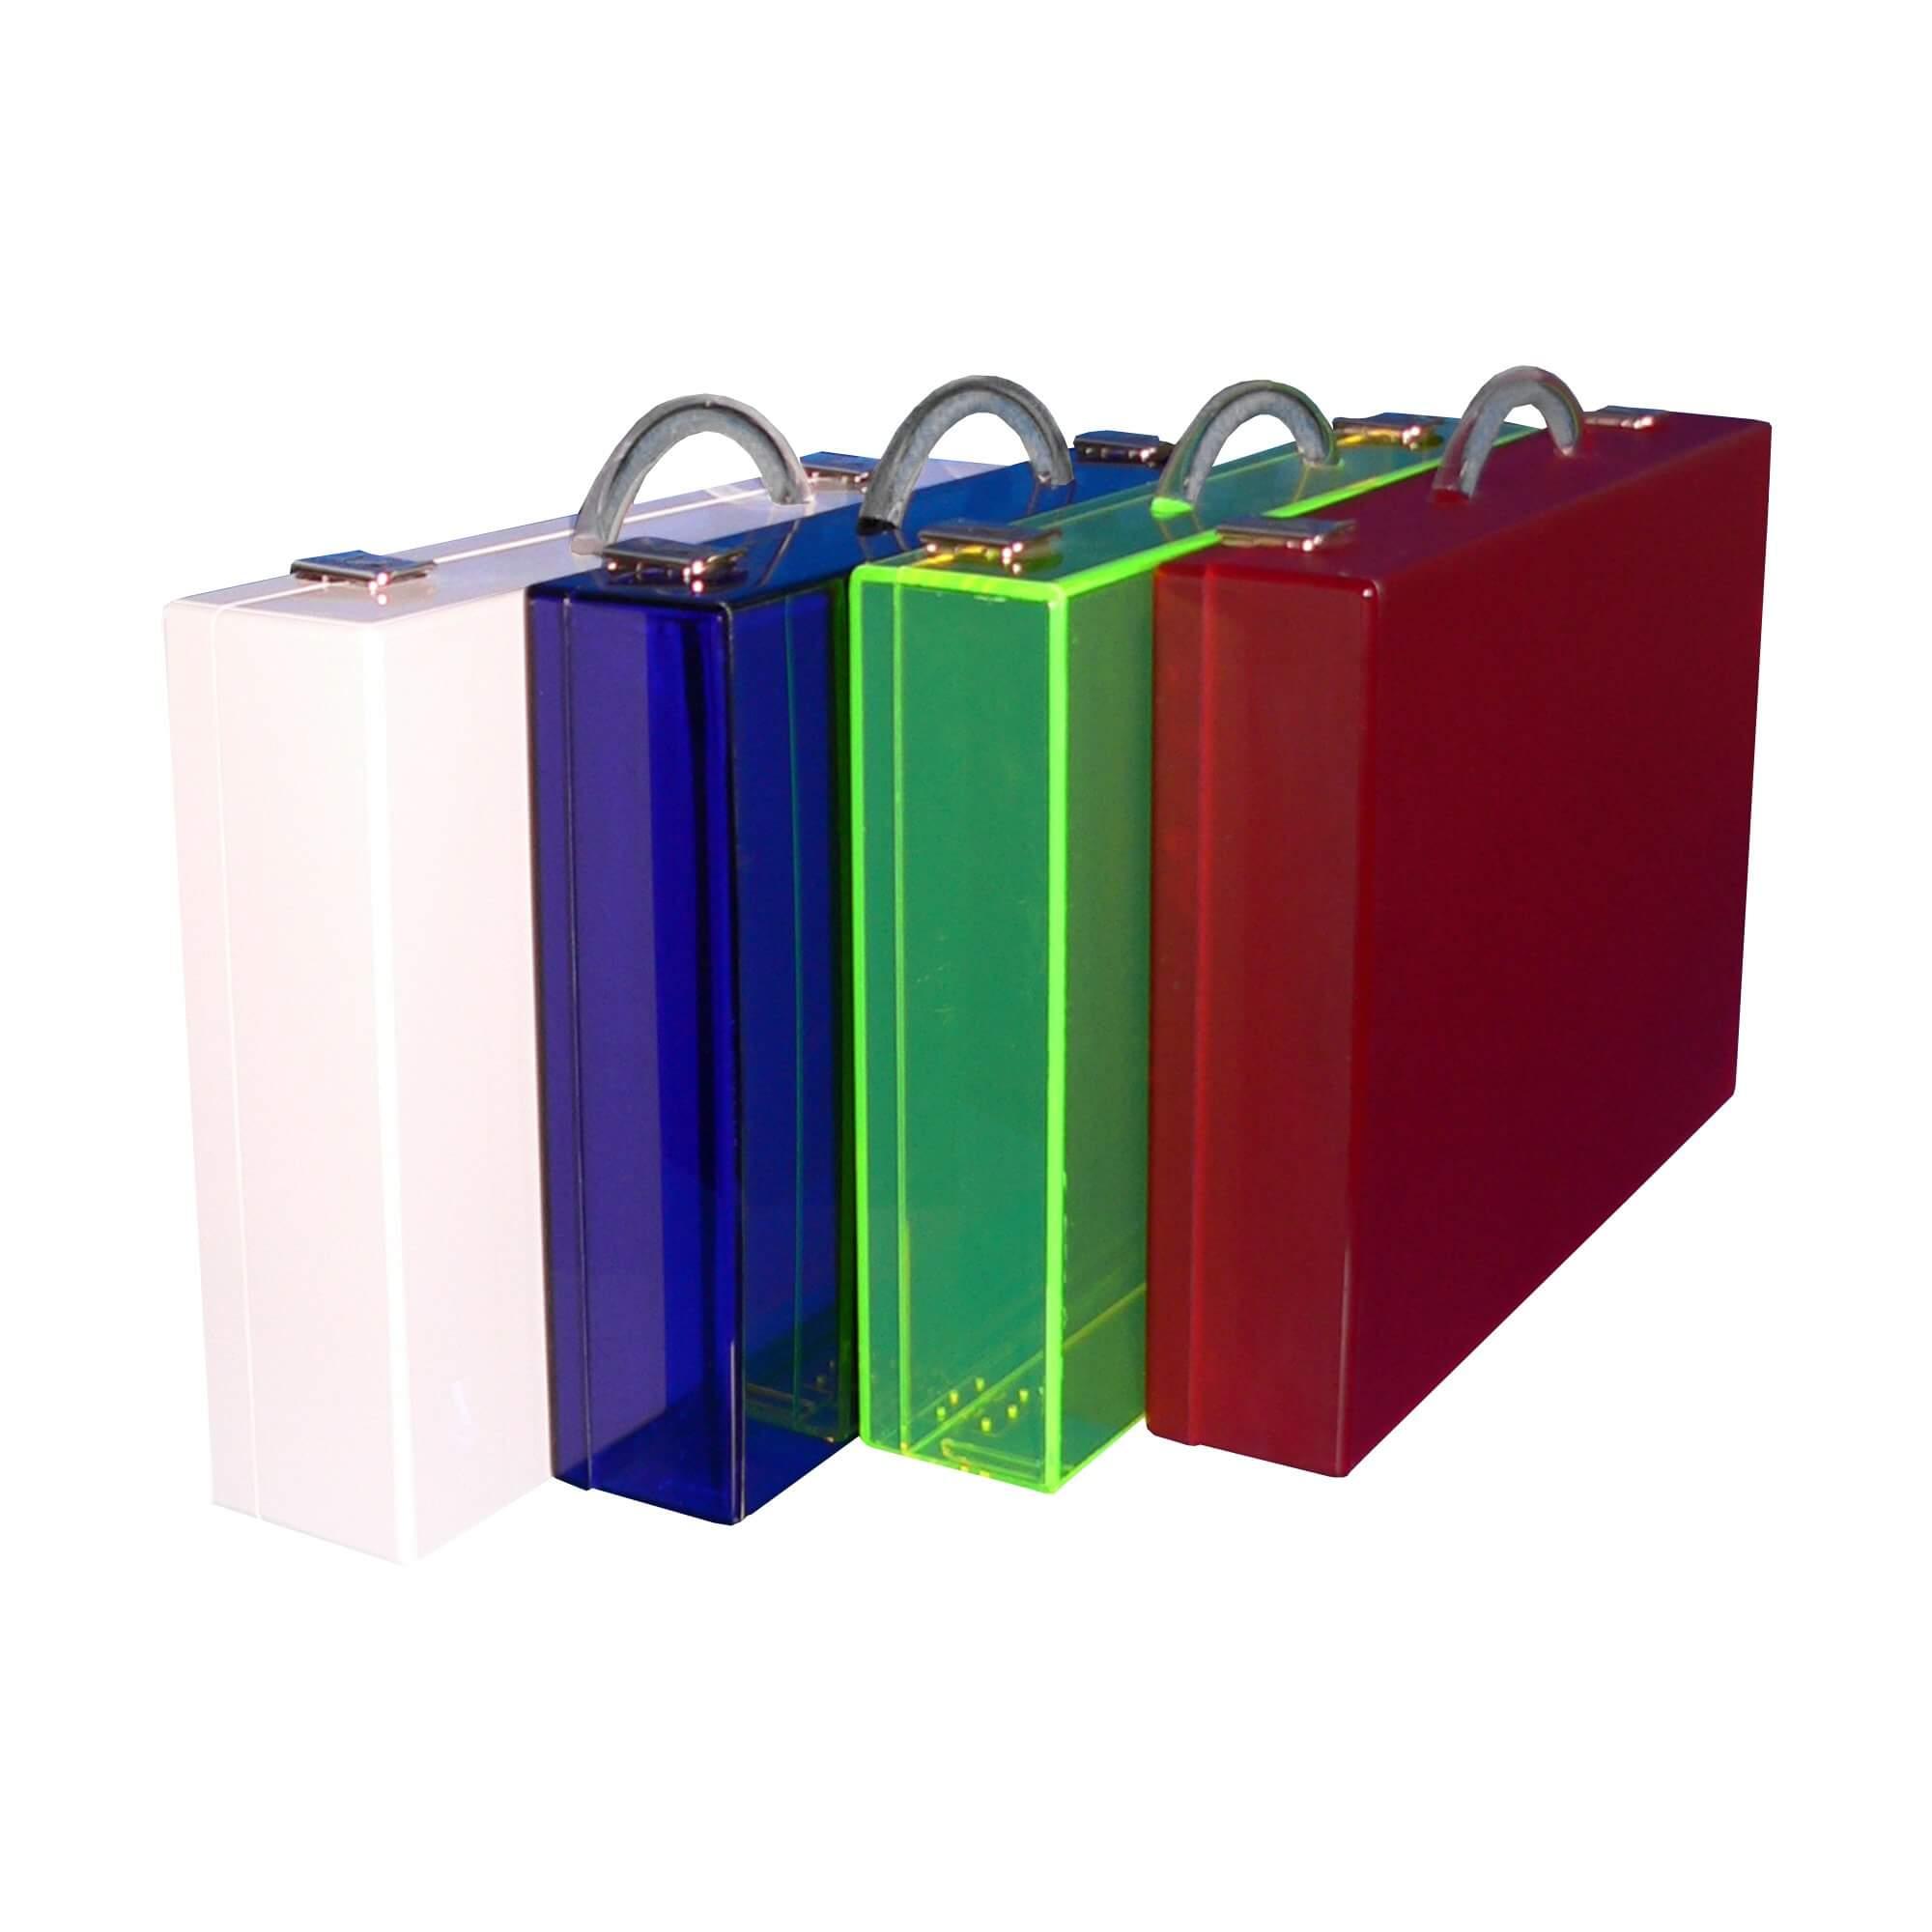 Acryline Koffer aus Acrylglas, tw. fluoriszierend koffer schachtel box acryl kunststoff werbung präsentation